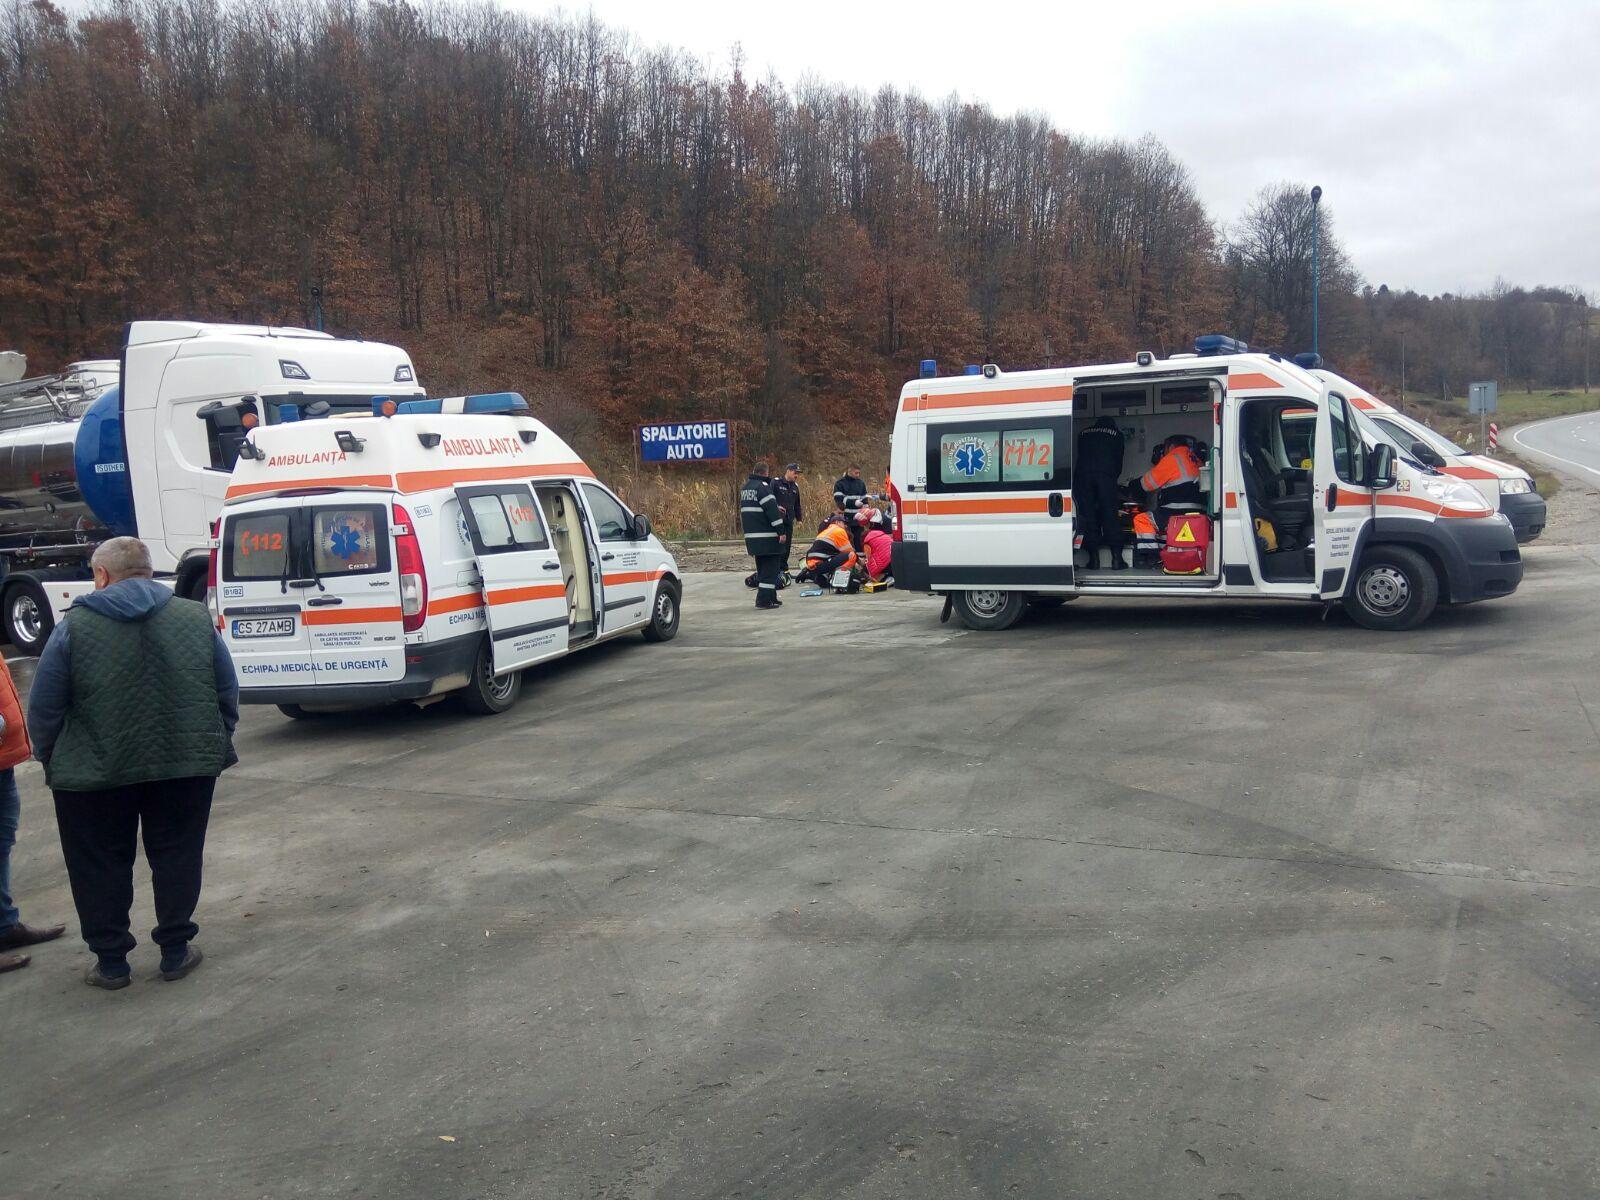 Trei bărbaţi au murit intoxicaţi cu vaporii inhalaţi dintr-o cisternă de transport bere